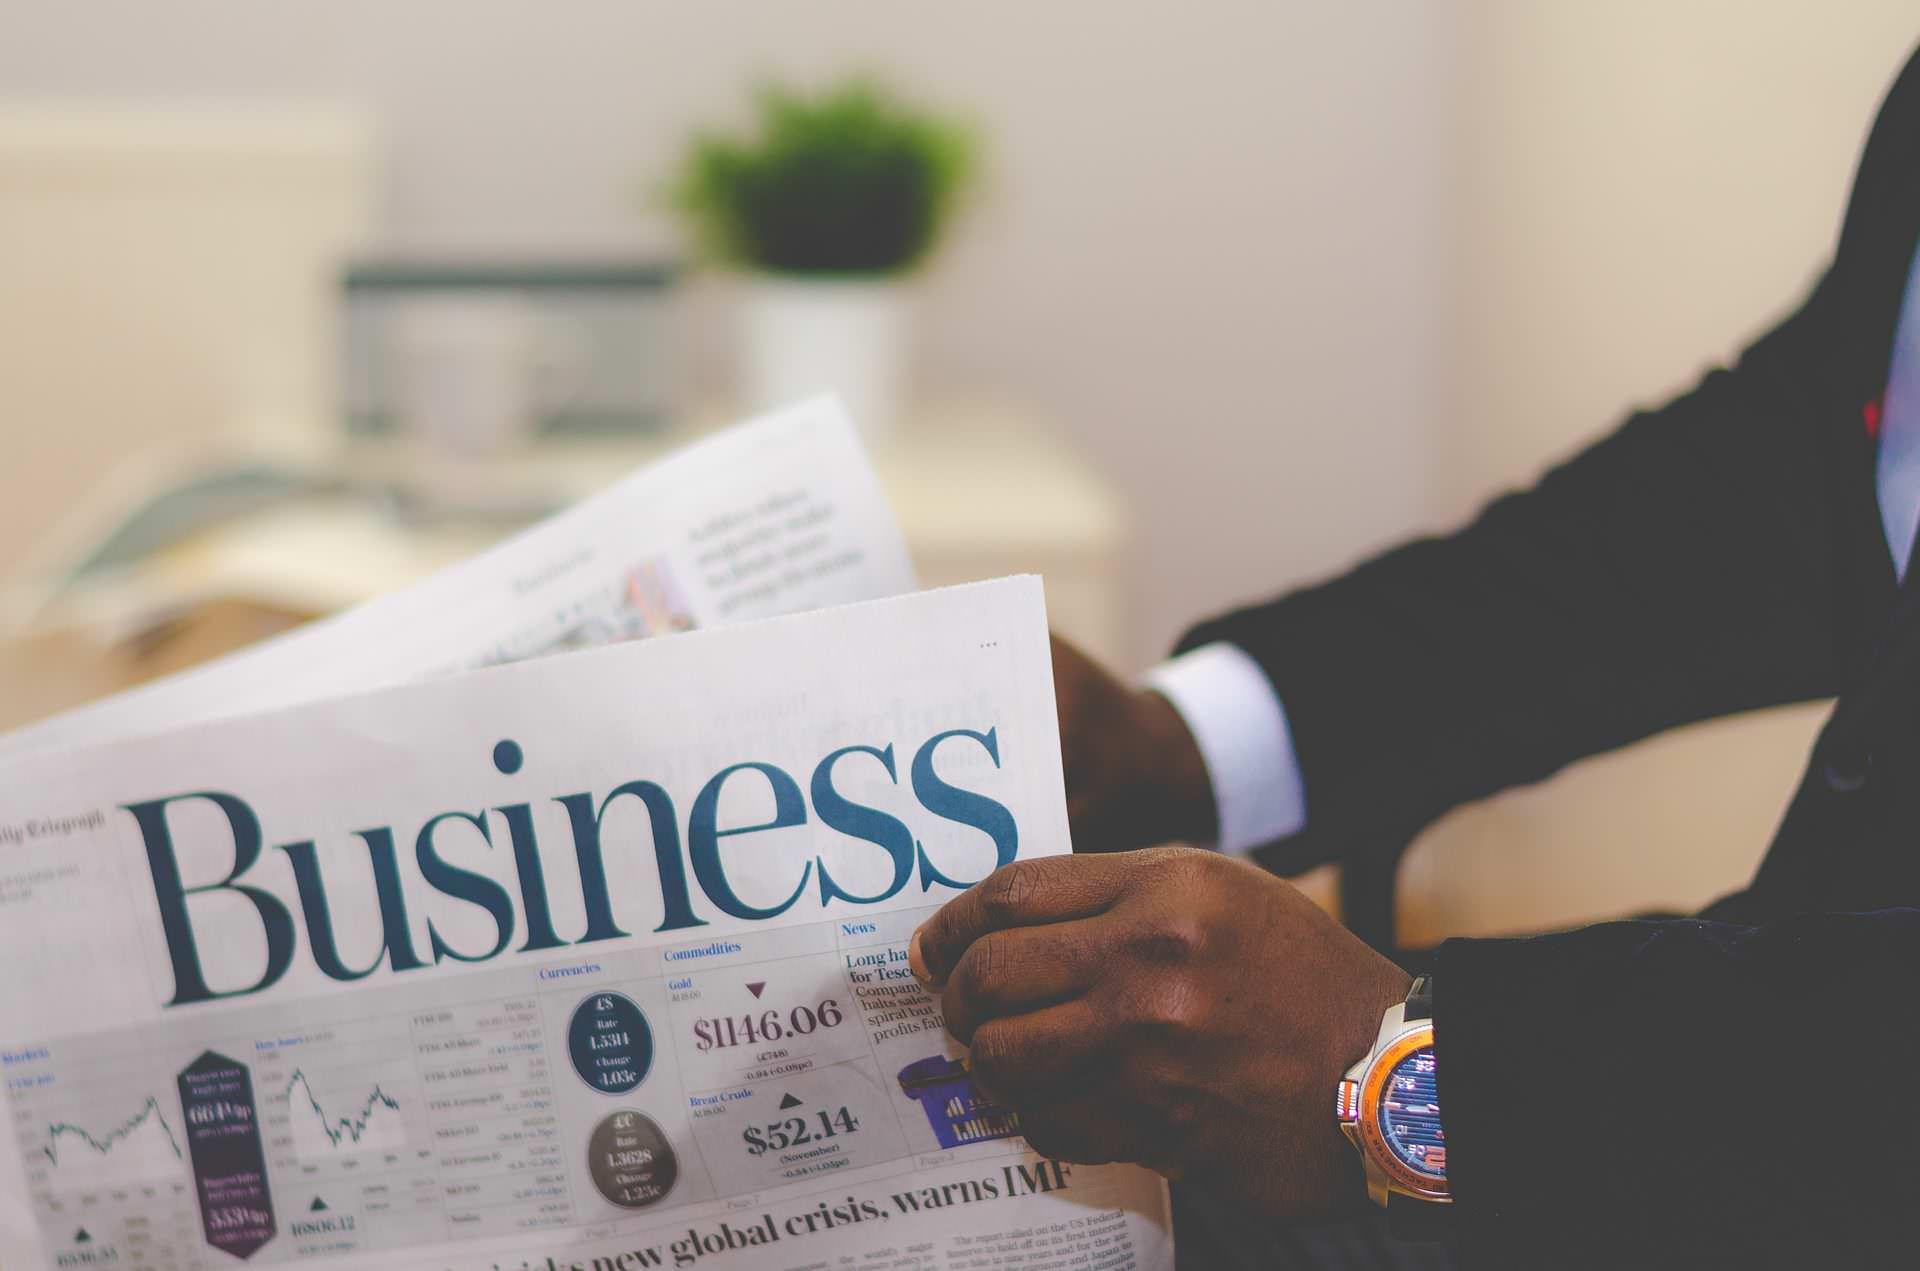 Zeitungs-Anzeigen (Business) in Freiburg, Stuttgart, Remseck und Staufen